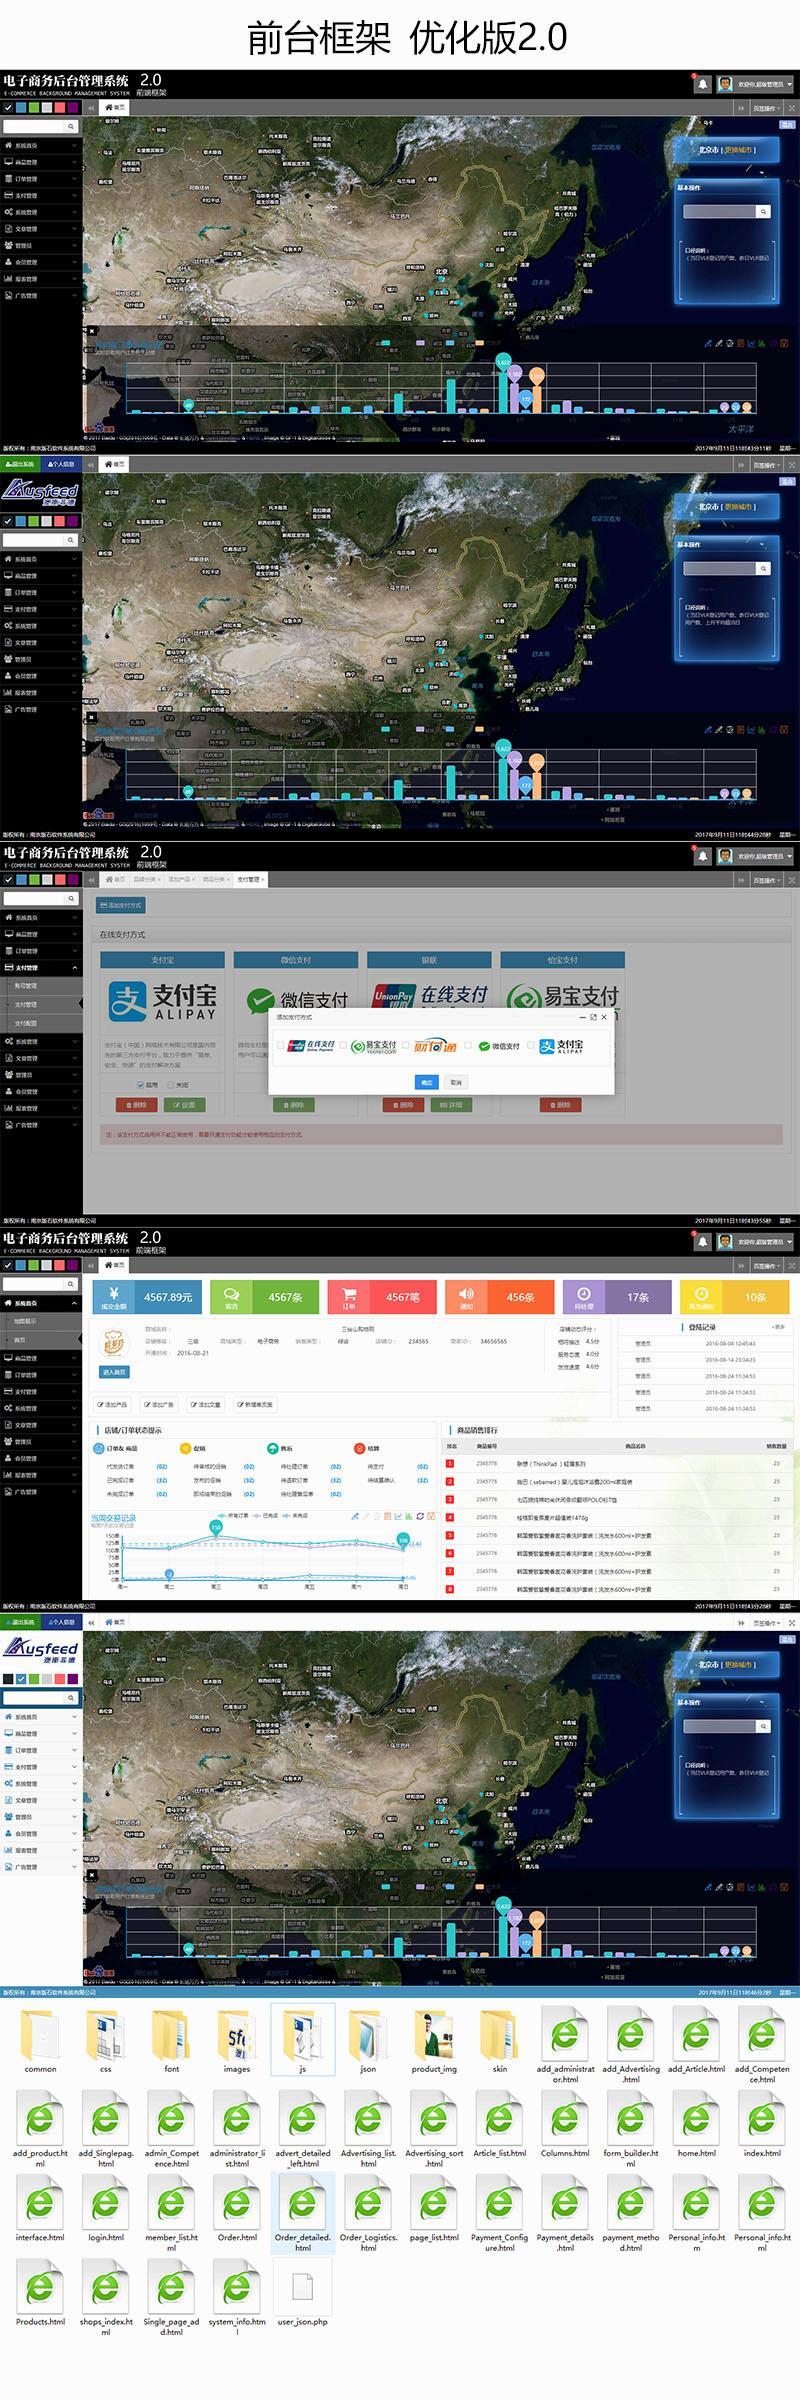 通用商城网站后台管理系统界面html模板